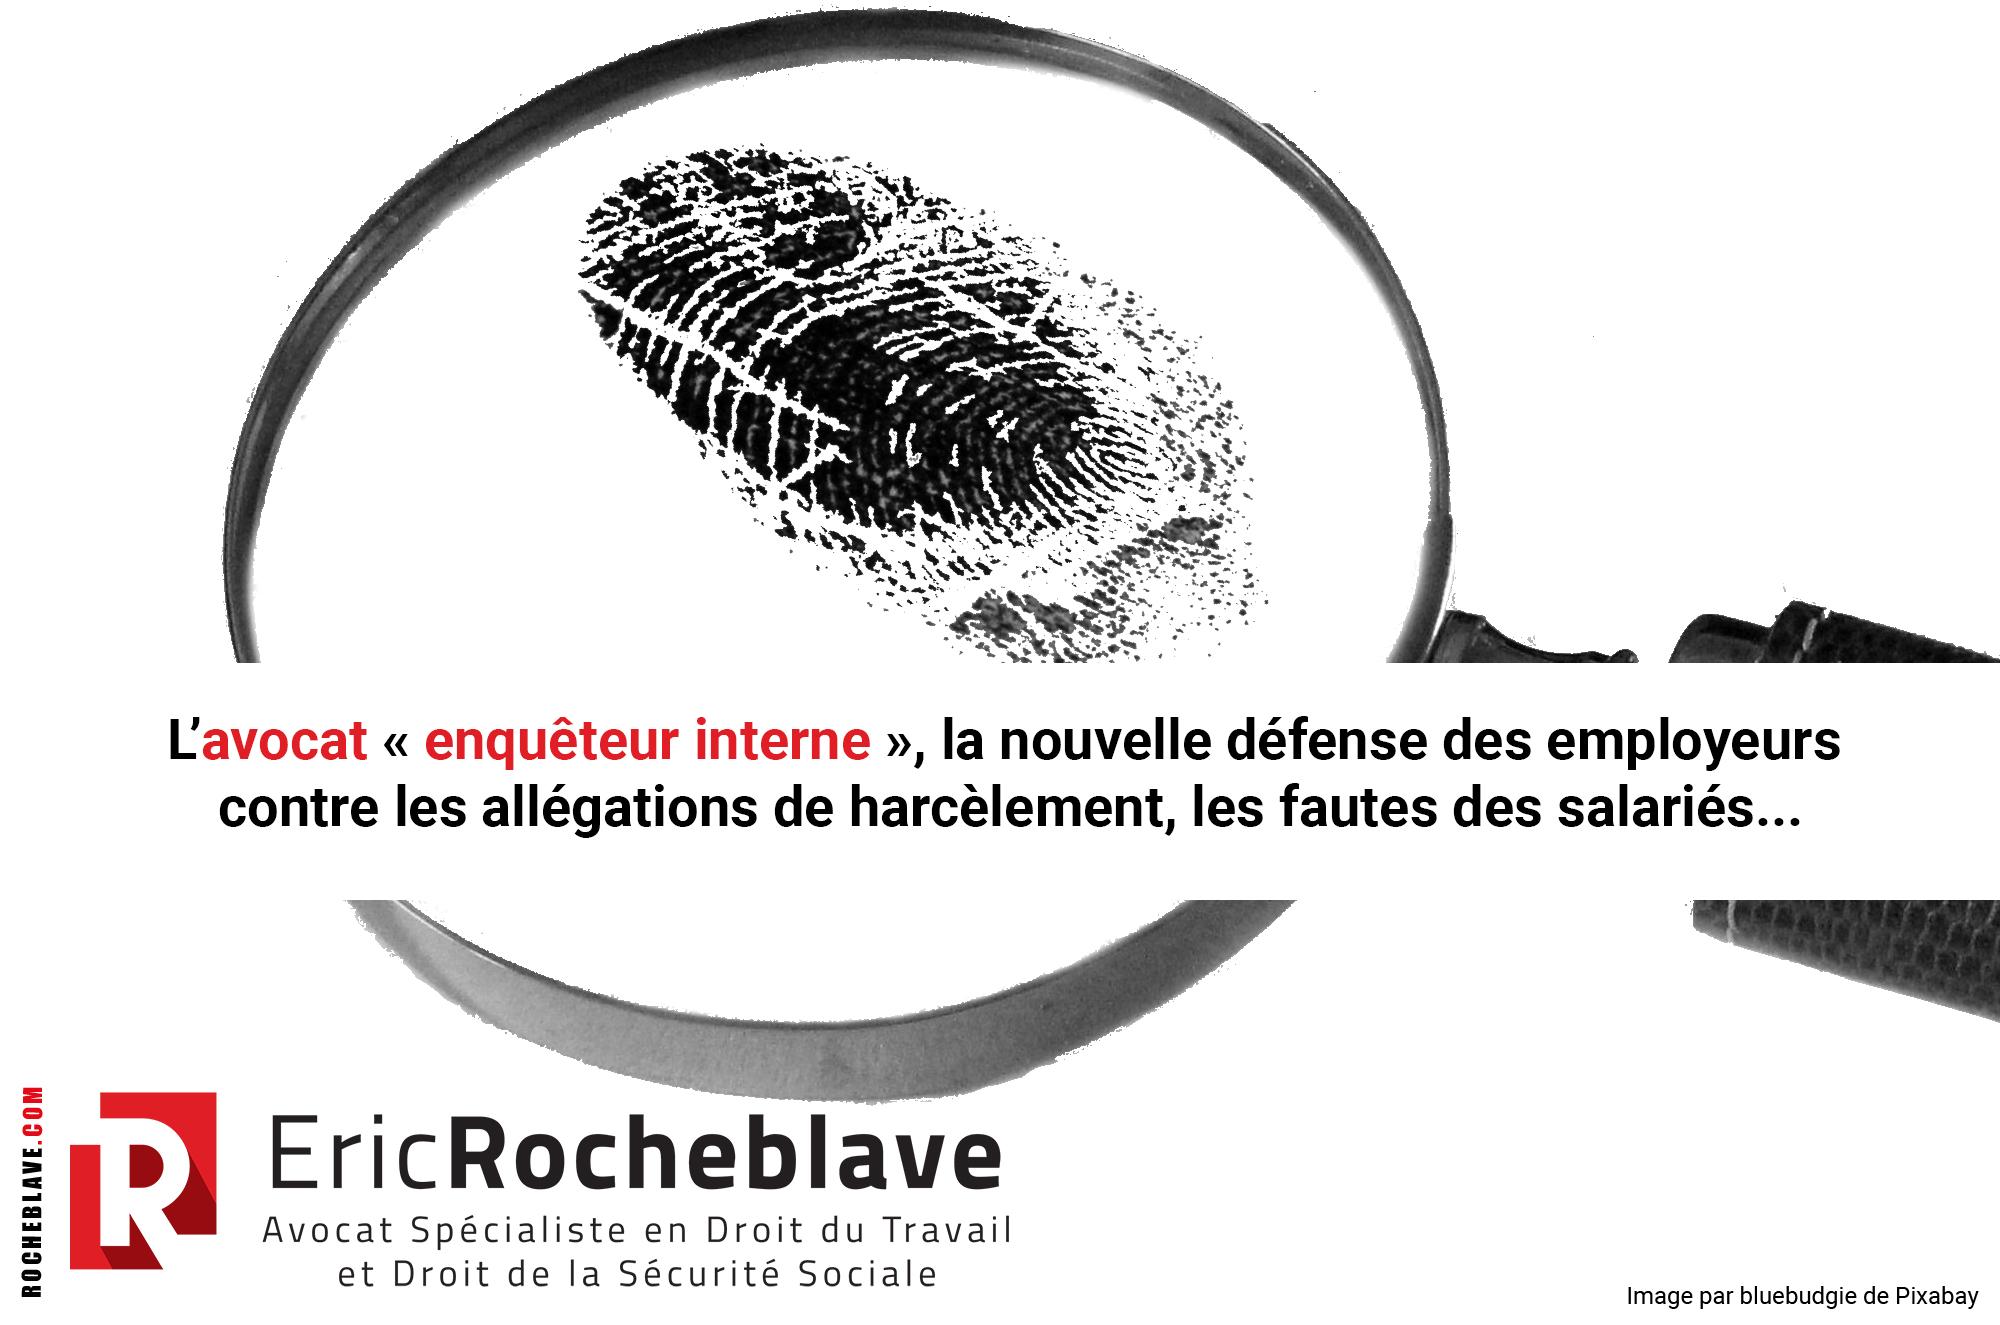 L'avocat « enquêteur interne », la nouvelle défense des employeurs contre les allégations de harcèlement, les fautes des salariés…